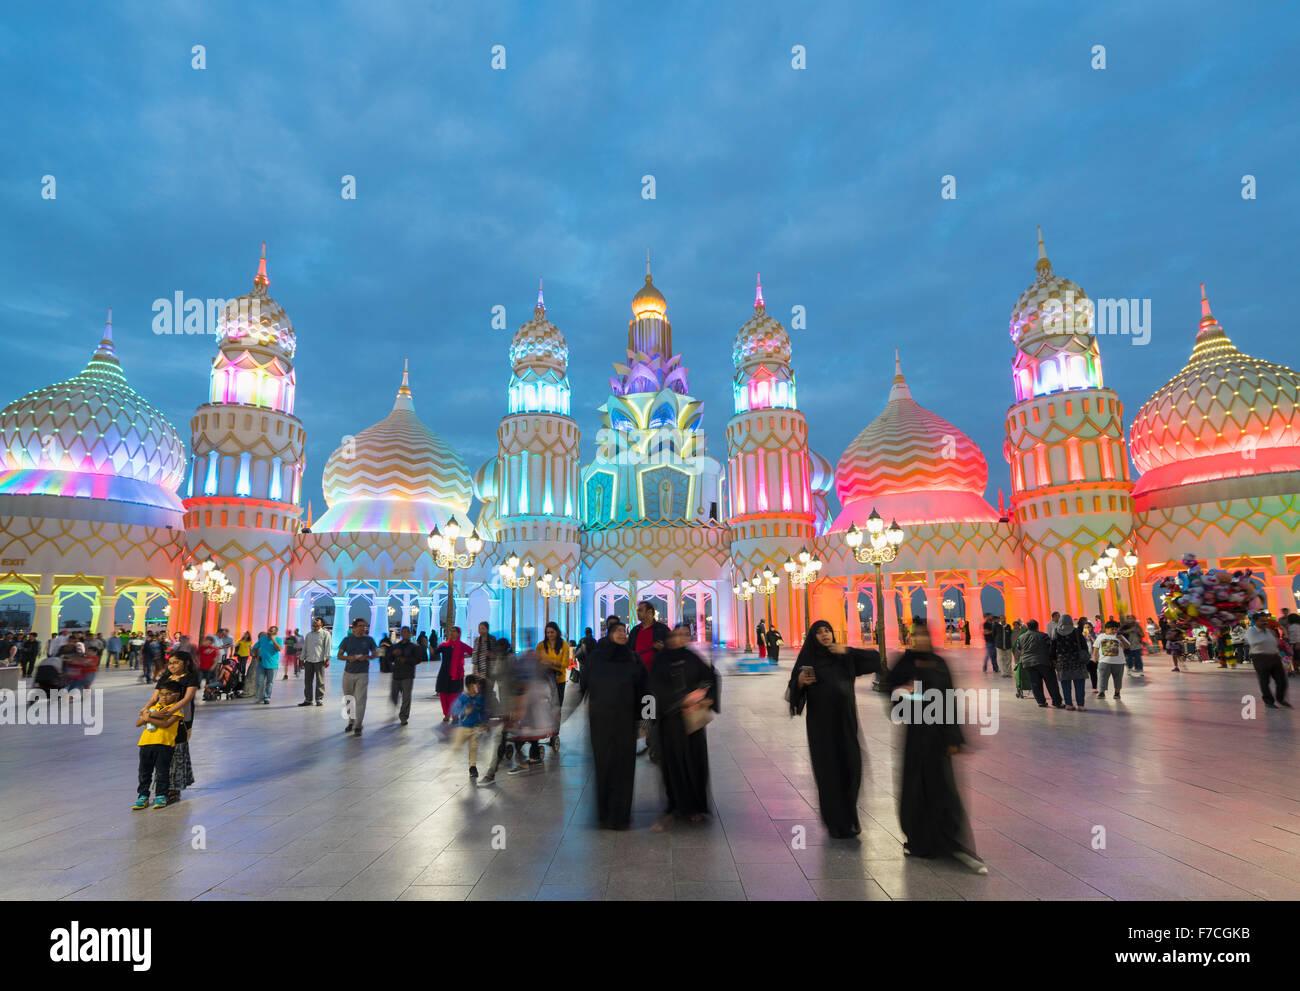 Abends Blick auf beleuchtete Tor der Welt Global Village 2015 in Dubai Vereinigte Arabische Emirate Stockbild